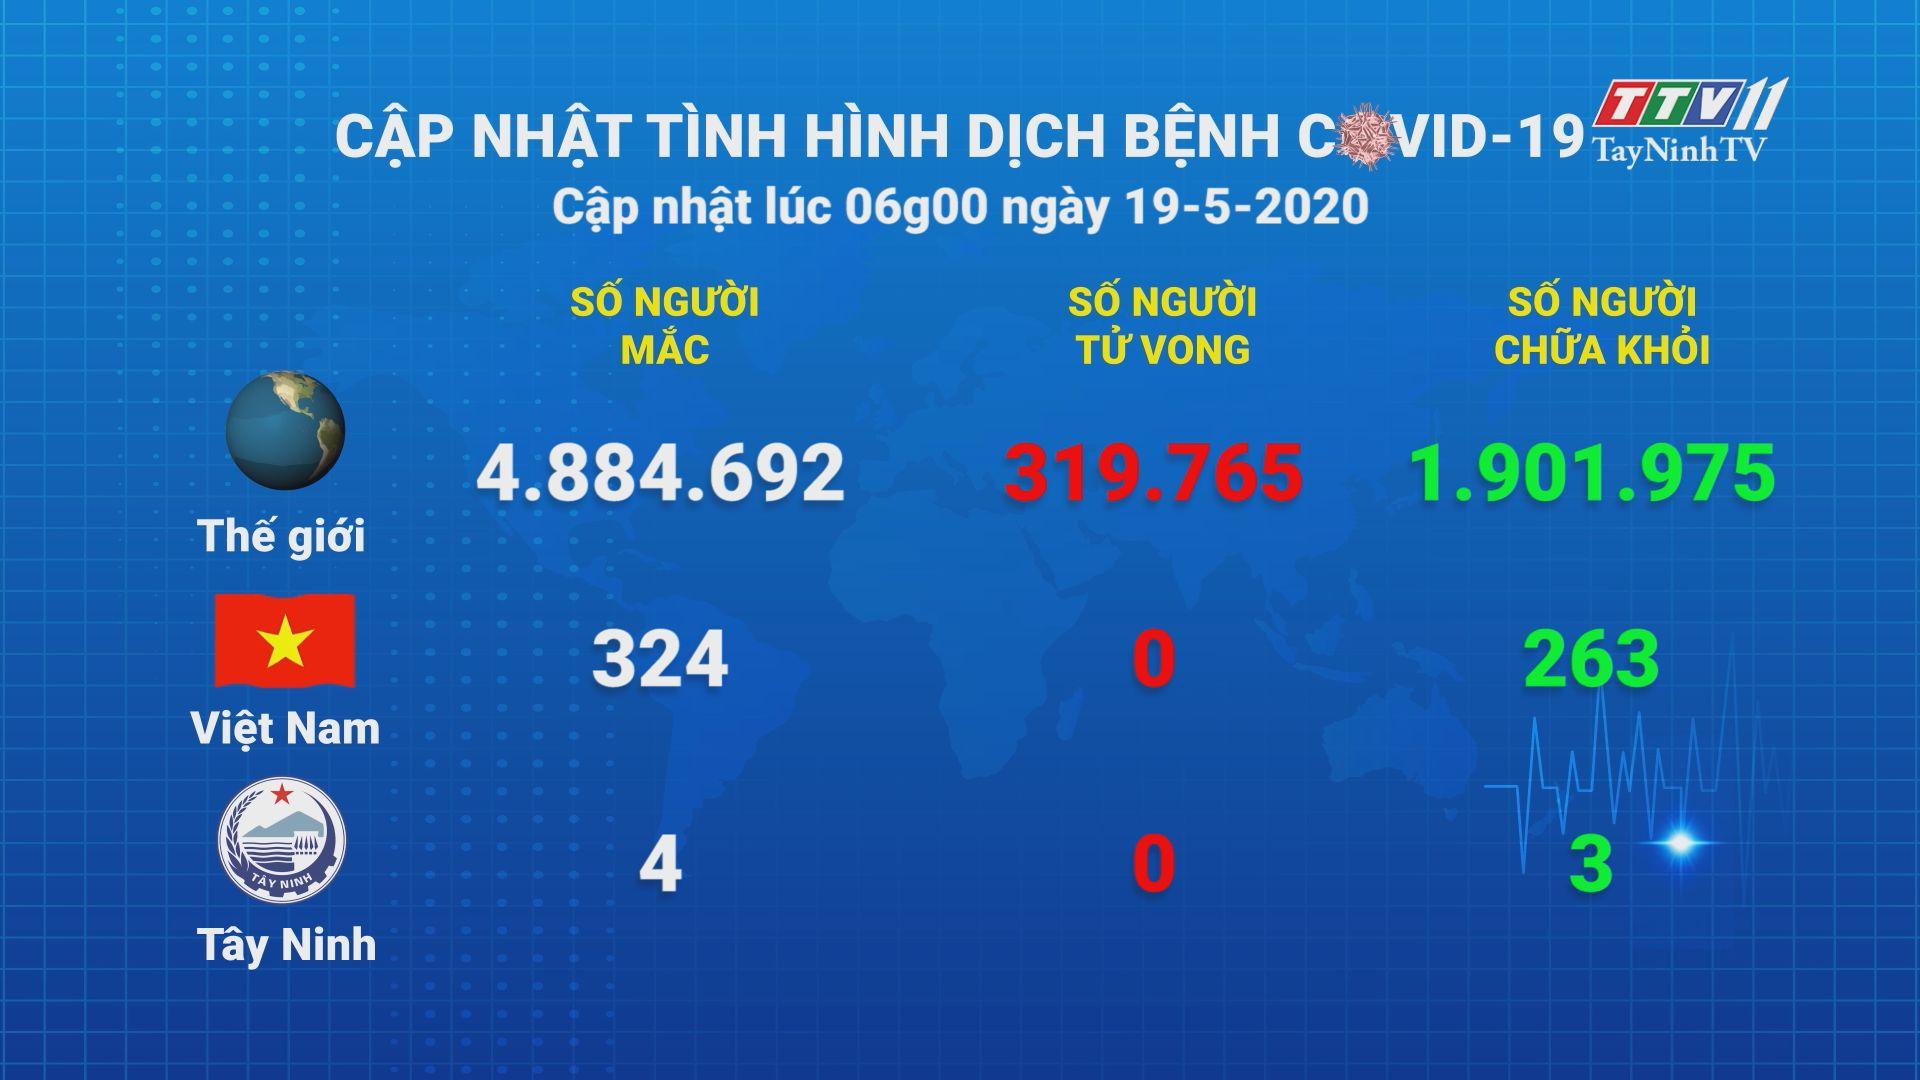 Cập nhật tình hình Covid-19 vào lúc 06 giờ 19-5-2020 | Thông tin dịch Covid-19 | TayNinhTV